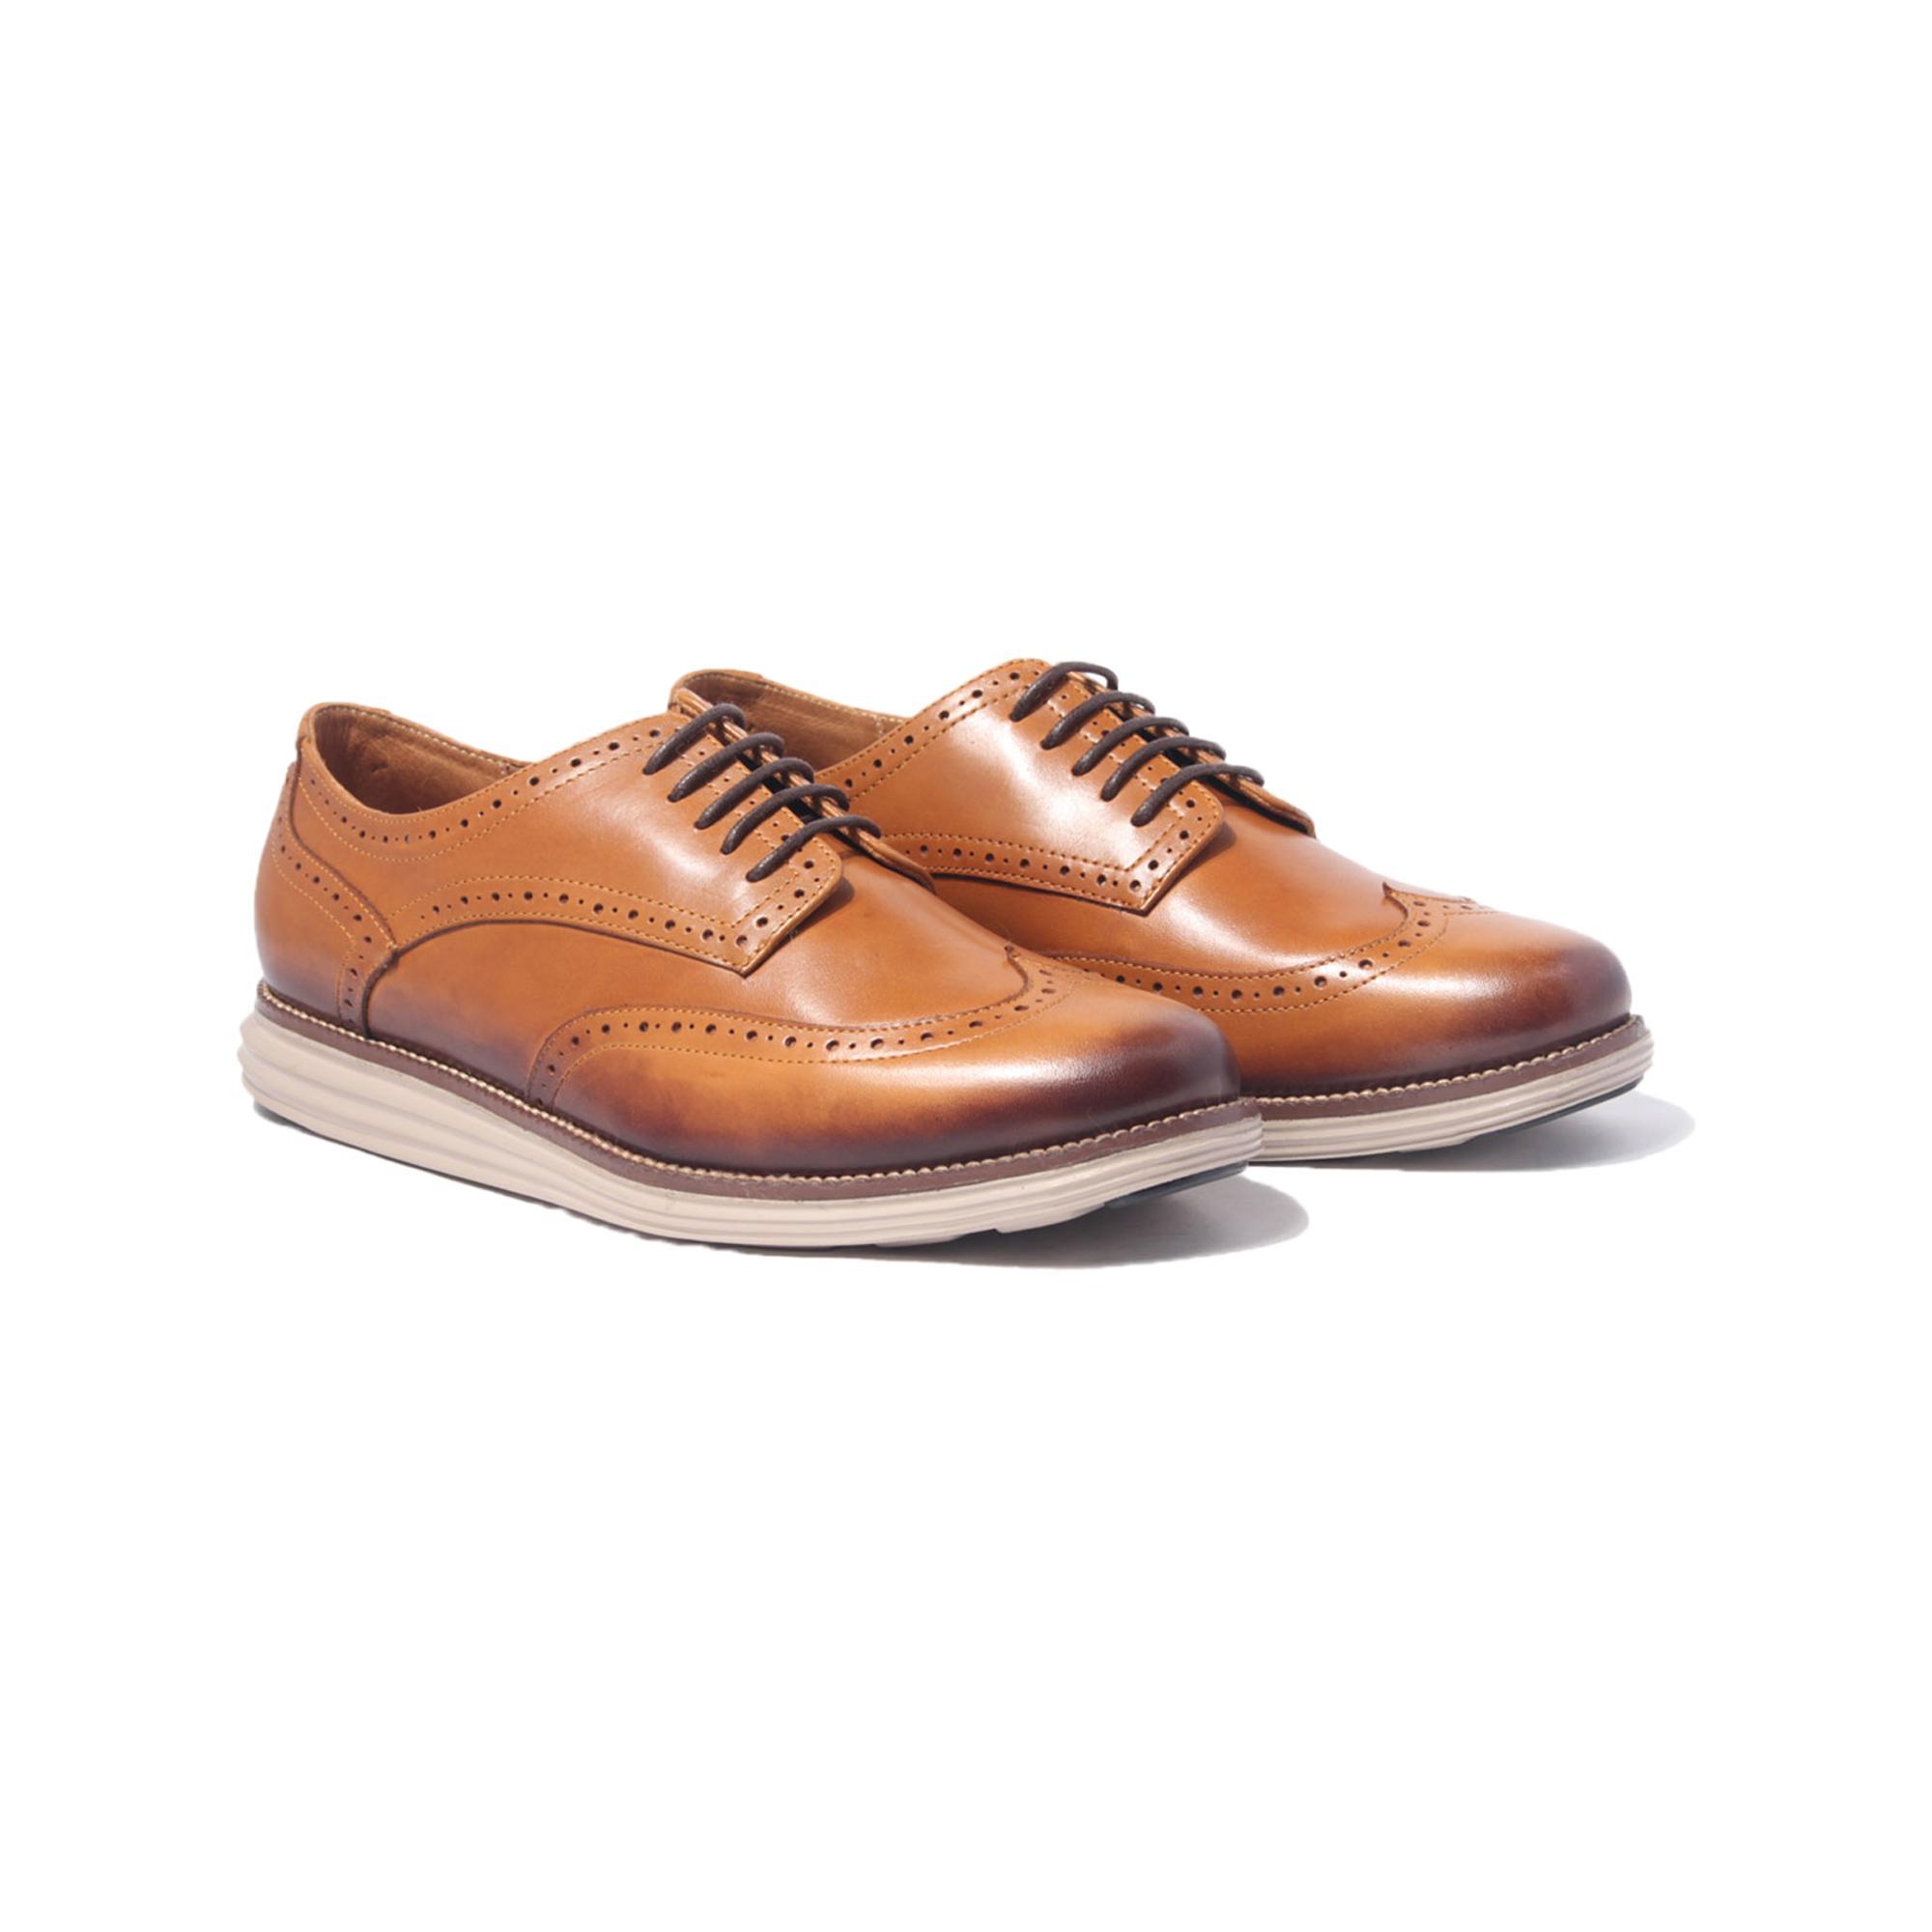 [Da Bò ITALIA] Giày Sneaker Nam Da Bò Cao Cấp, đế siêu nhẹ, êm Banuli HMWD1M1